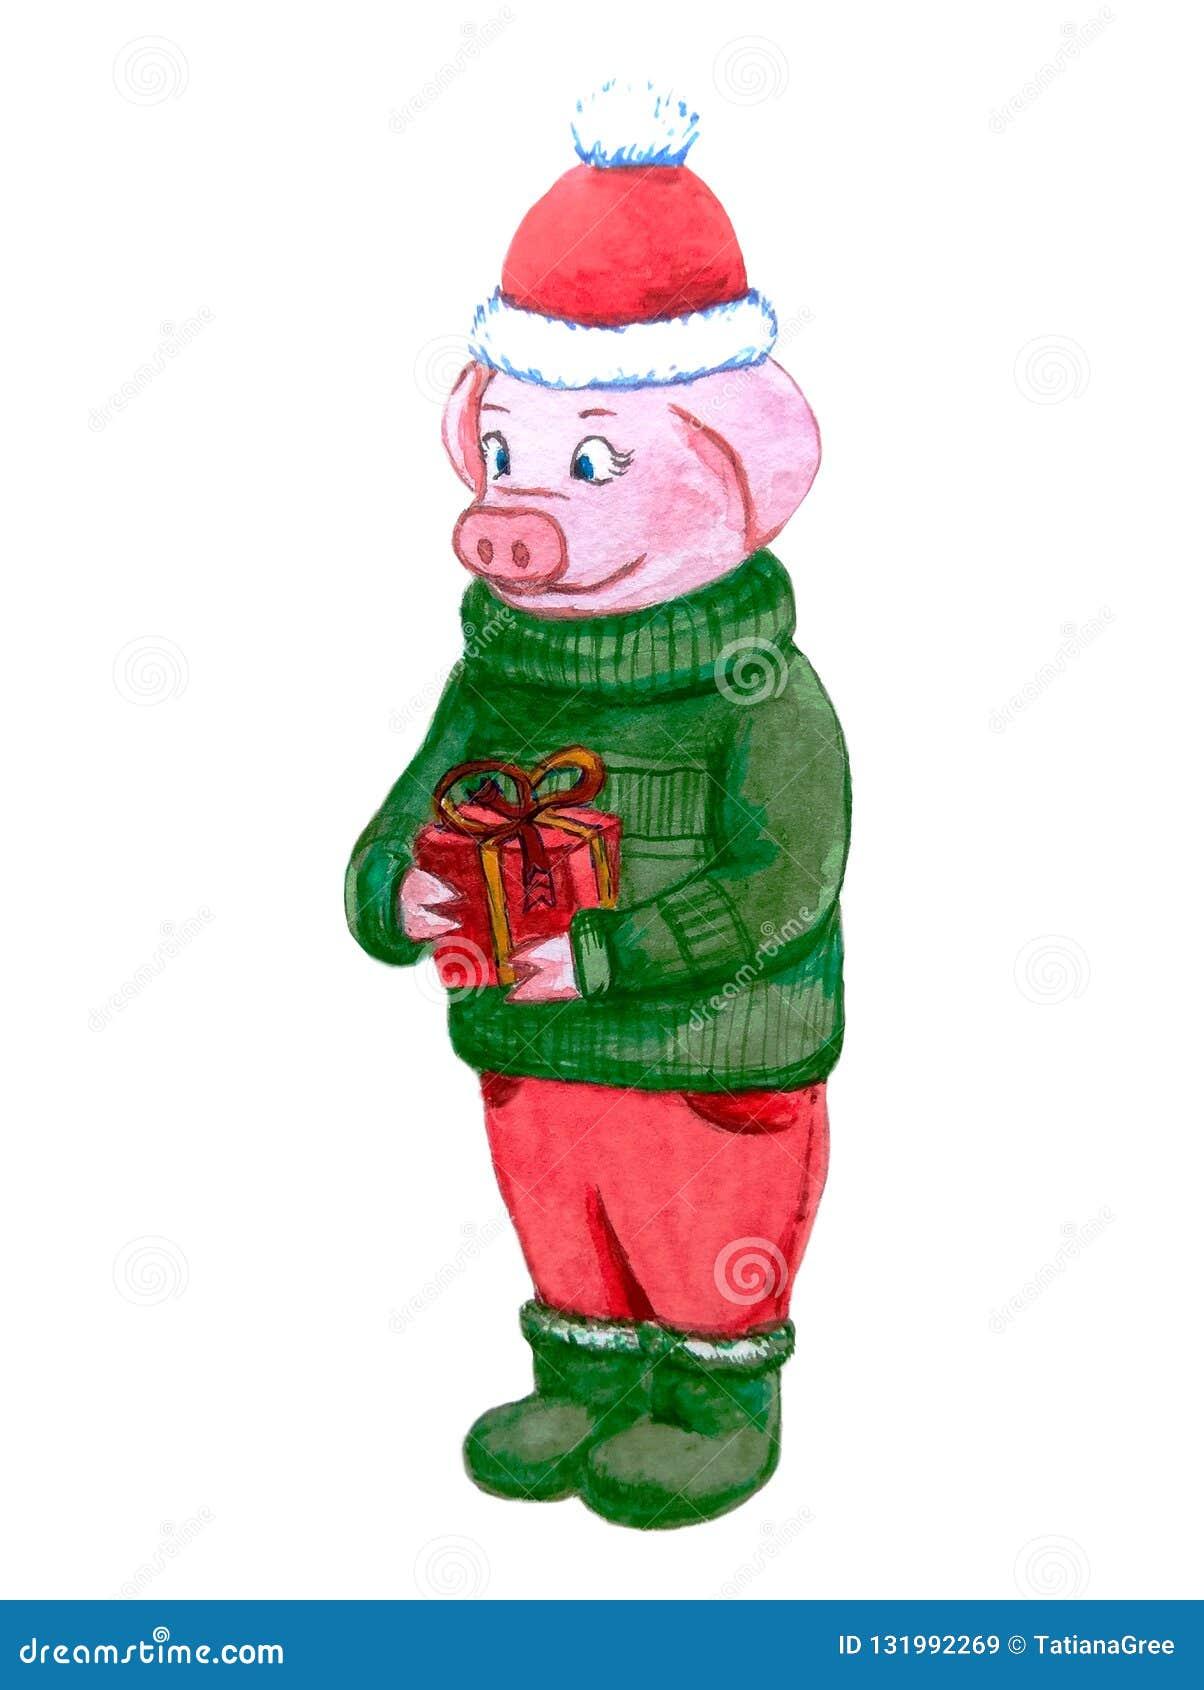 Le caractère porcin gai dans un chapeau rouge et un chandail vert tient dans des ses pattes un beau cadeau avec des rubans